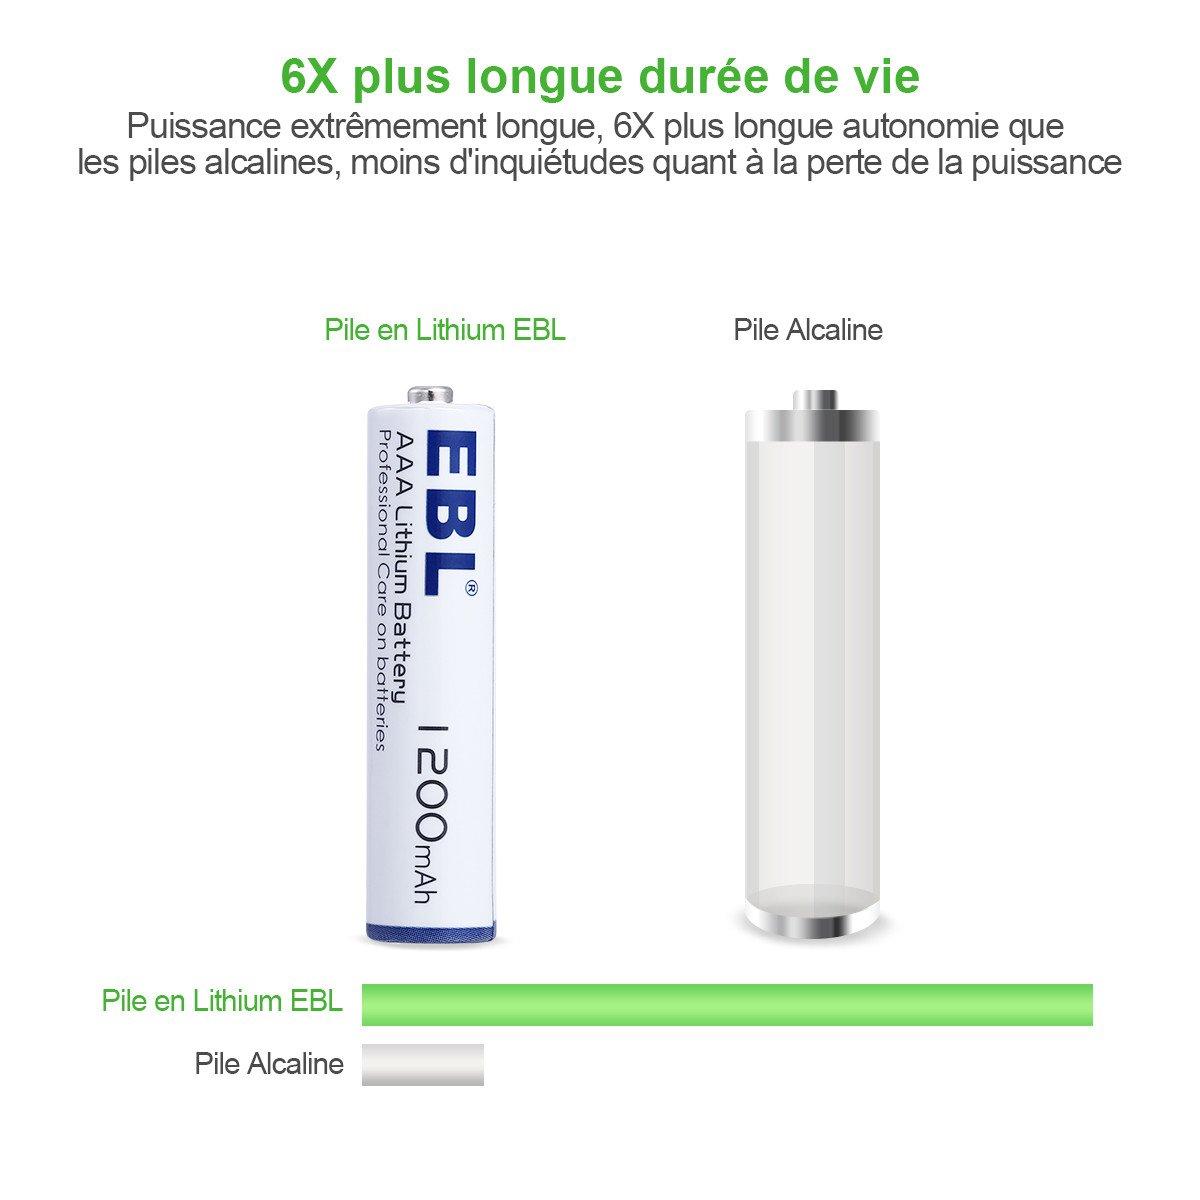 EBL Lot de 16 Pile Lithium Type AAA 1200mAh plus Longue Autonomie que les Piles Alcalines